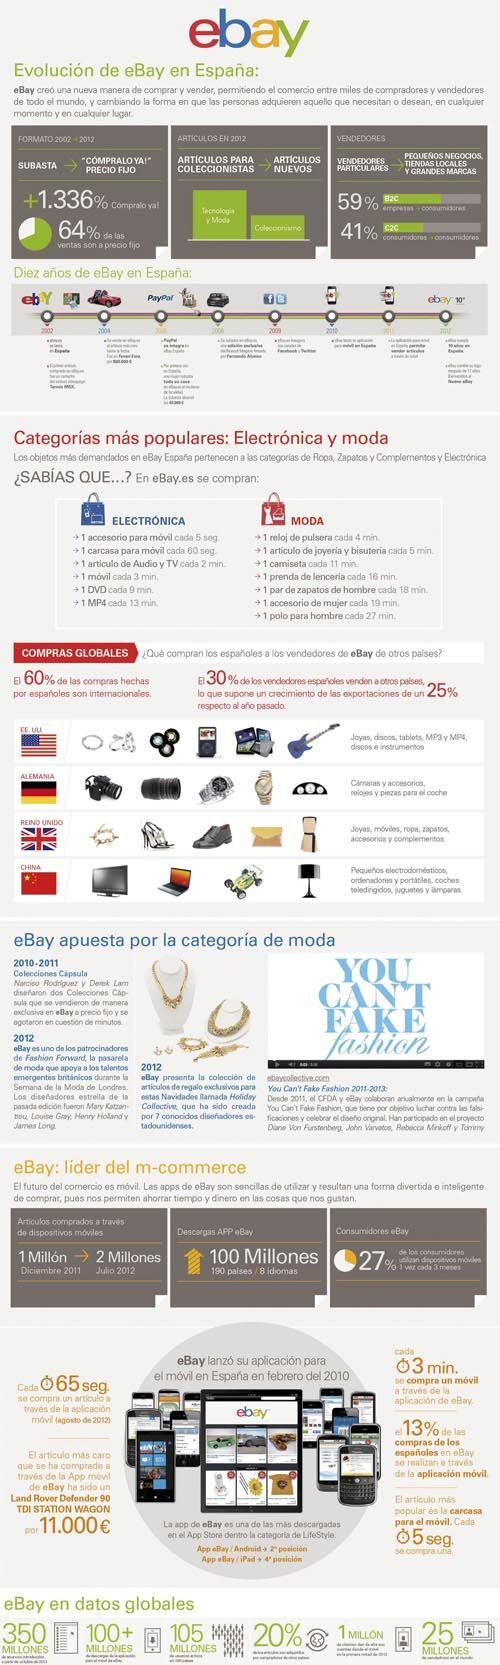 eBay cumple 10 años en España - Puro Marketing #infografía #ecommerce